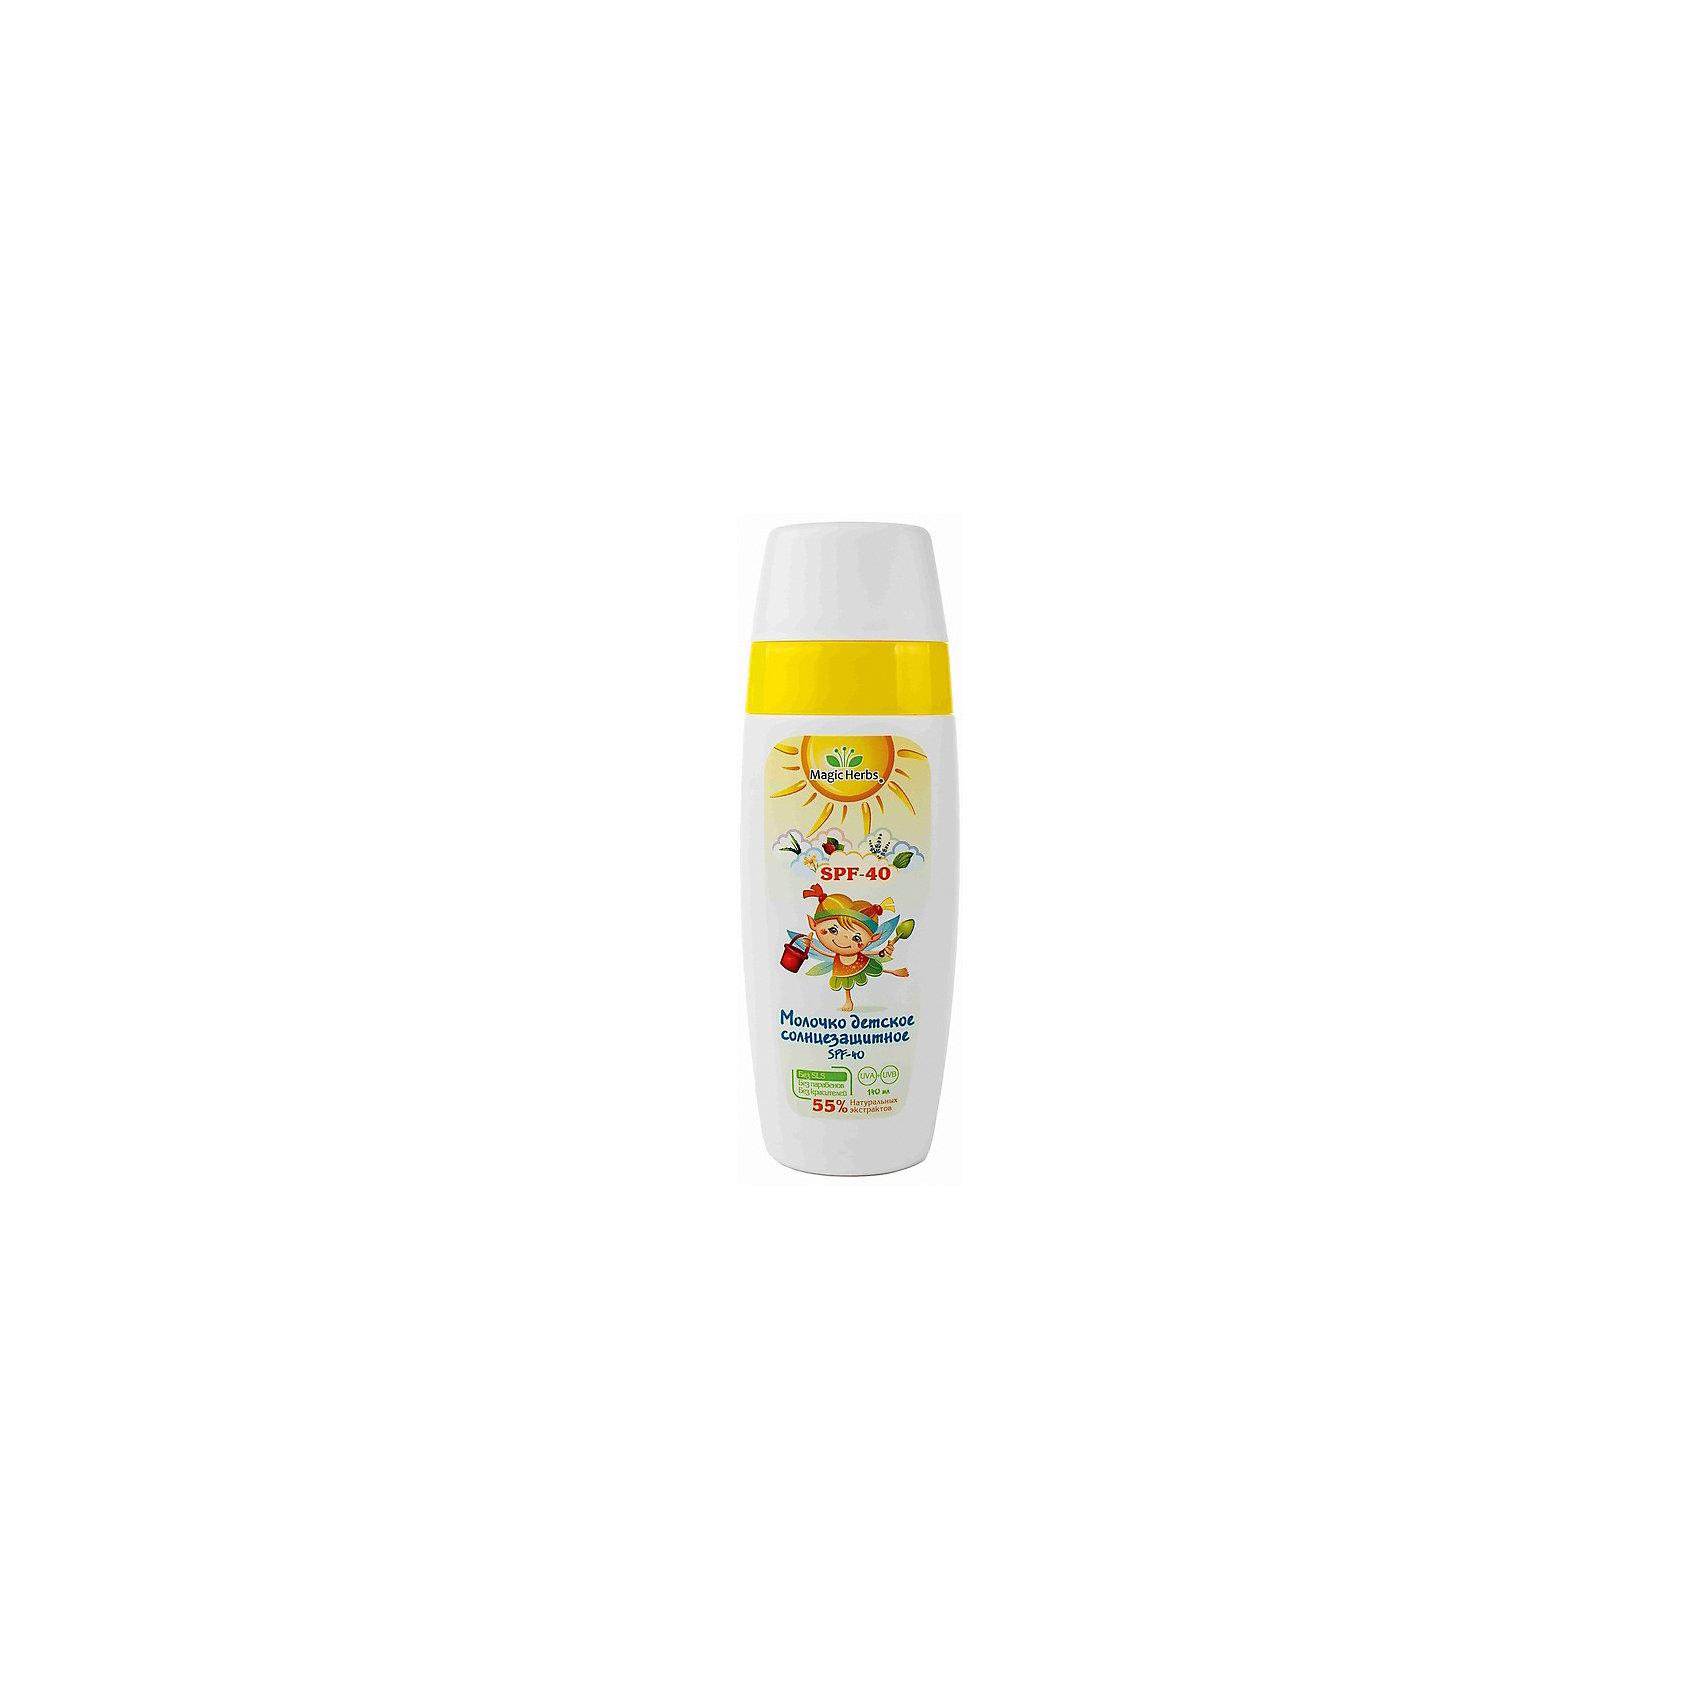 Молочко детское солнцезащитное SPF-40+, Magic HerbsСредства защиты от солнца и насекомых<br>Защитить нежную детскую кожу от воздействия ультрафиолетовых лучей поможет солнцезащитное молочко для тела SPF-40+ . Входящие в состав молочка экстракты ромашки, шиповника, подорожника, лаванды и алоэ оказывают увлажняющее и смягчающее действие. <br><br>Дополнительная информация:<br><br>Без SLS, парабенов и красителей.<br>Только для наружного применения.<br>Объем: 140 мл<br><br>Способ применения: обильно нанести средство на кожу за 20 минут до выхода на солнце. Повторять процедуру каждые два часа, а также, каждый раз после купания. <br><br>Молочко детское солнцезащитное SPF-40+, Magic Herbs можно купить в нашем интернет-магазине.<br><br>Ширина мм: 30<br>Глубина мм: 60<br>Высота мм: 170<br>Вес г: 160<br>Возраст от месяцев: -2147483648<br>Возраст до месяцев: 2147483647<br>Пол: Унисекс<br>Возраст: Детский<br>SKU: 5008331